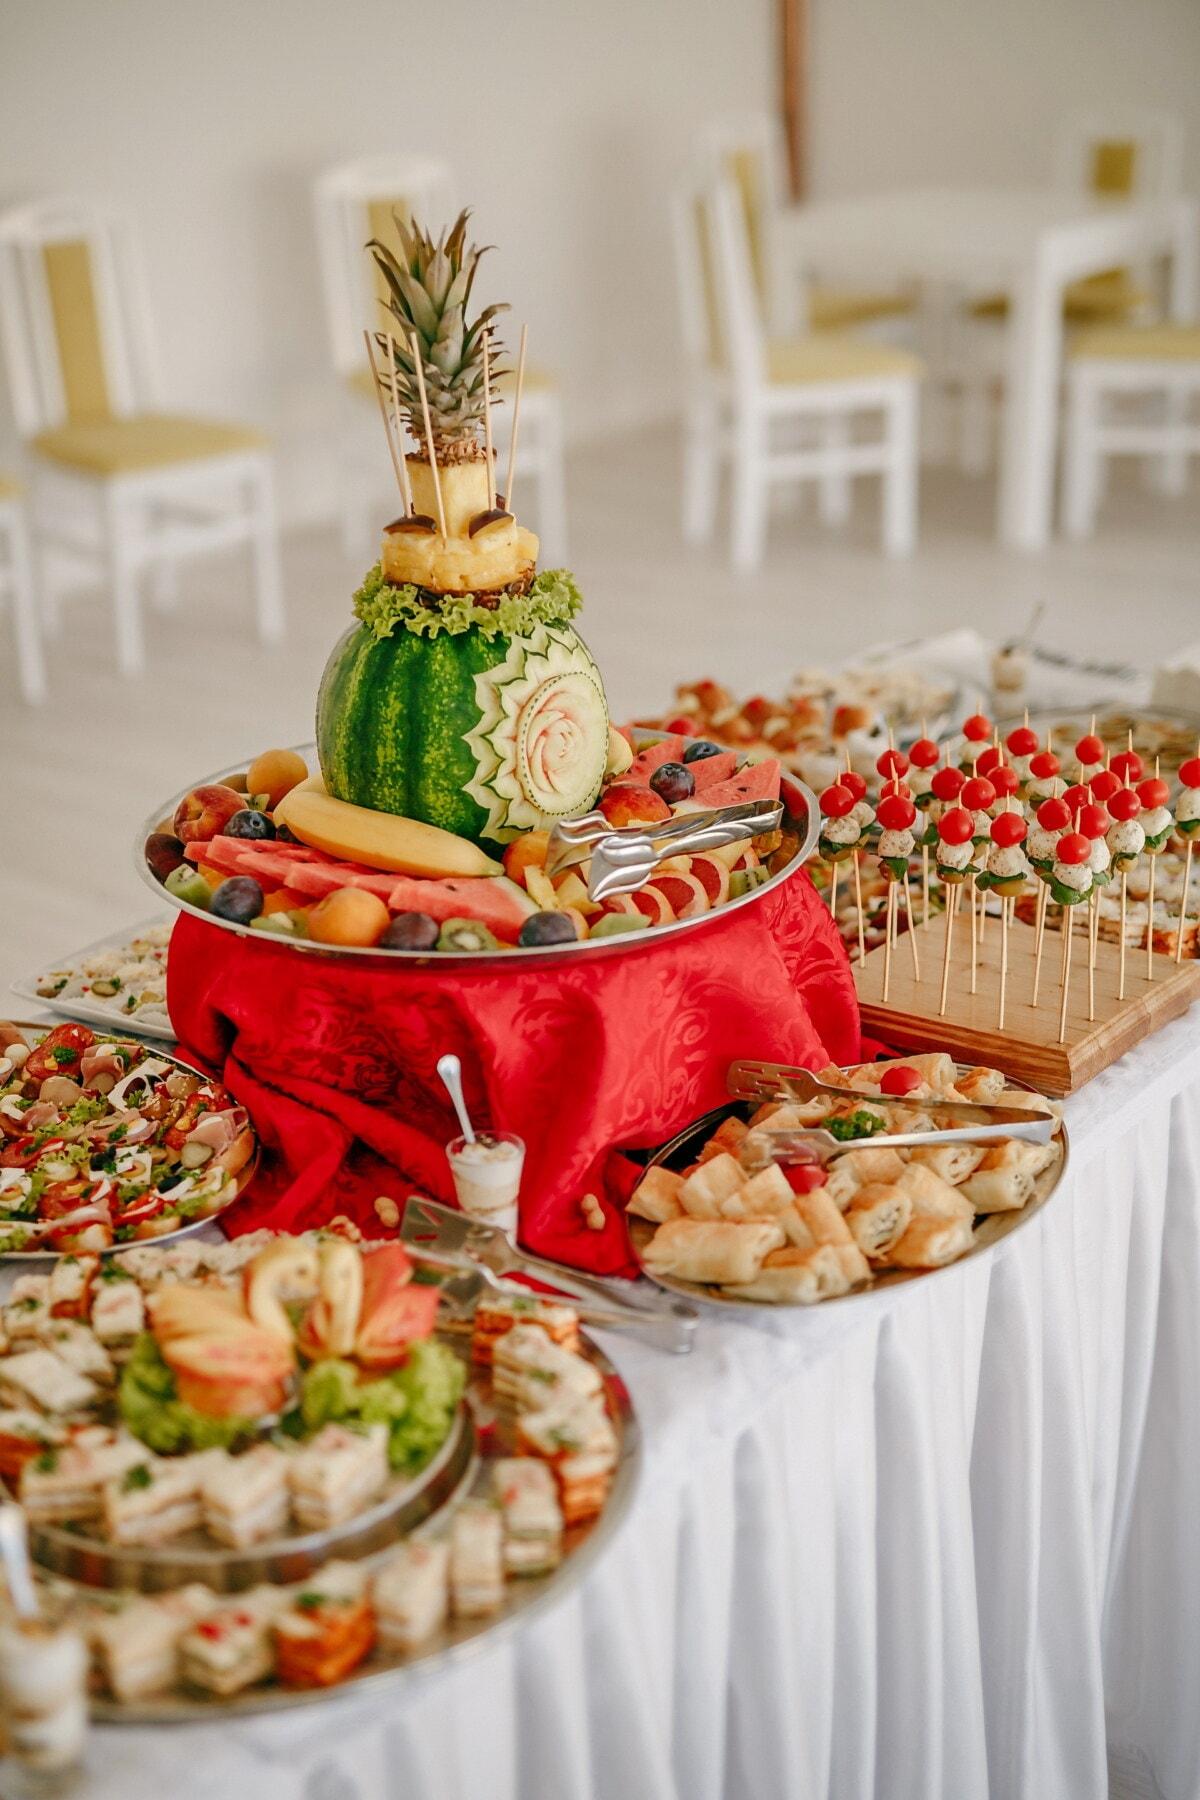 watermeloen, houtsnijwerk, snack, ontbijtbuffet, voedsel, heerlijke, gebakken goederen, diner, feestzaal, restaurant